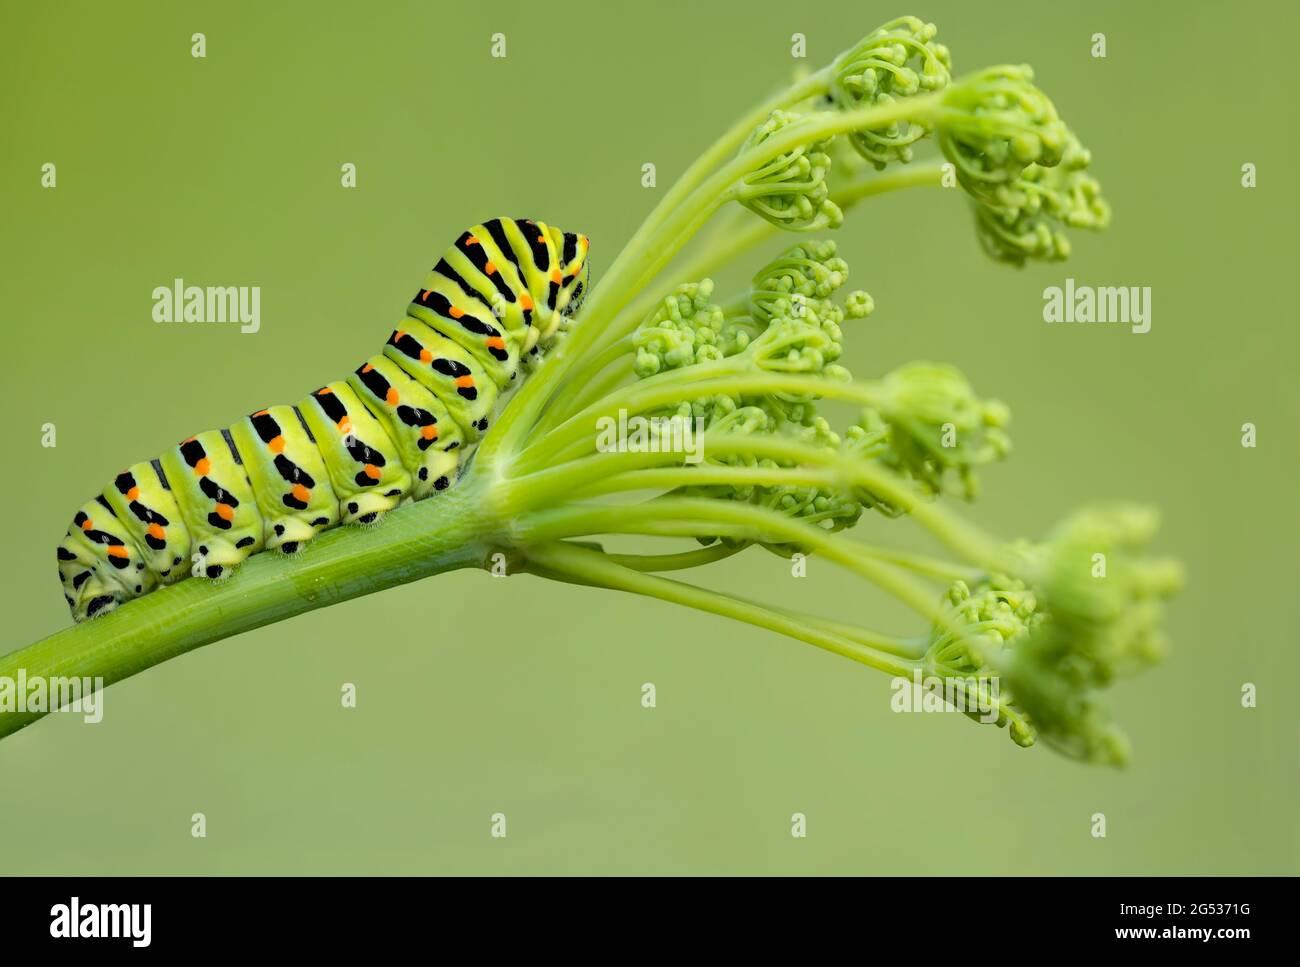 cierre extremo para la oruga de cola de peral del viejo mundo en hinojo (Papilio Machaon) Foto de stock